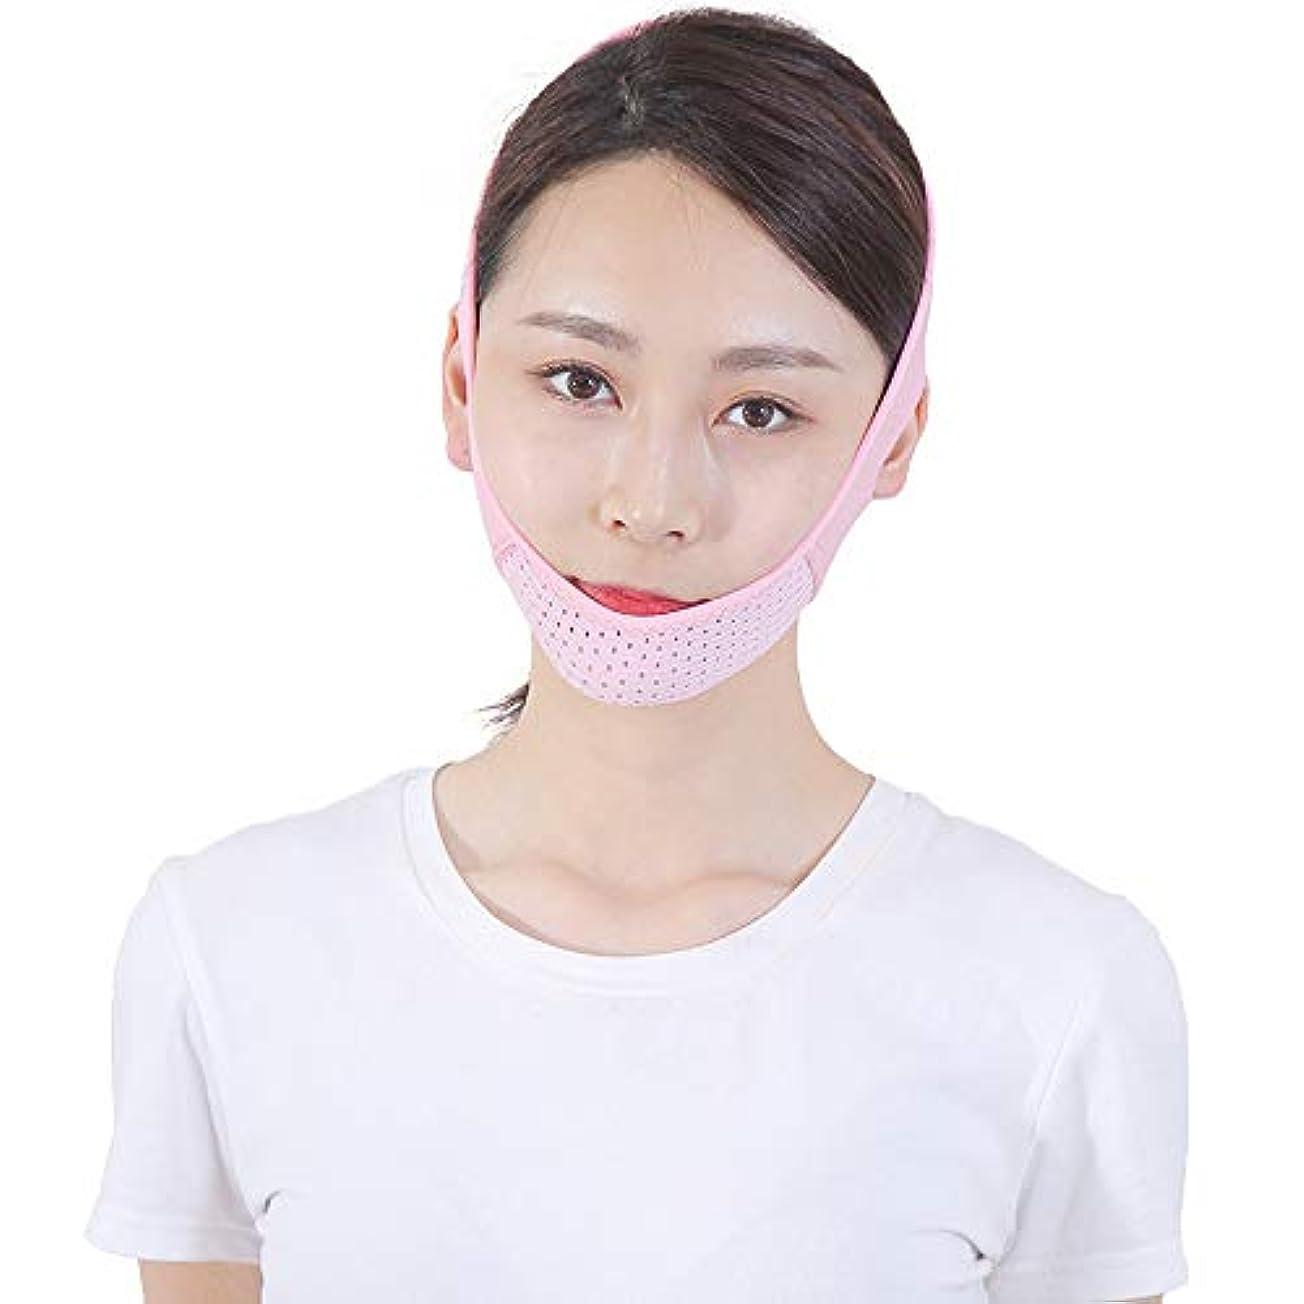 イタリアのクリップ束ねるフェイスリフトベルト 薄い顔のベルト - 薄い顔のベルト通気性のある顔の包帯ダブルチンの顔リフトの人工物Vのフェイスベルト薄い顔のマスク